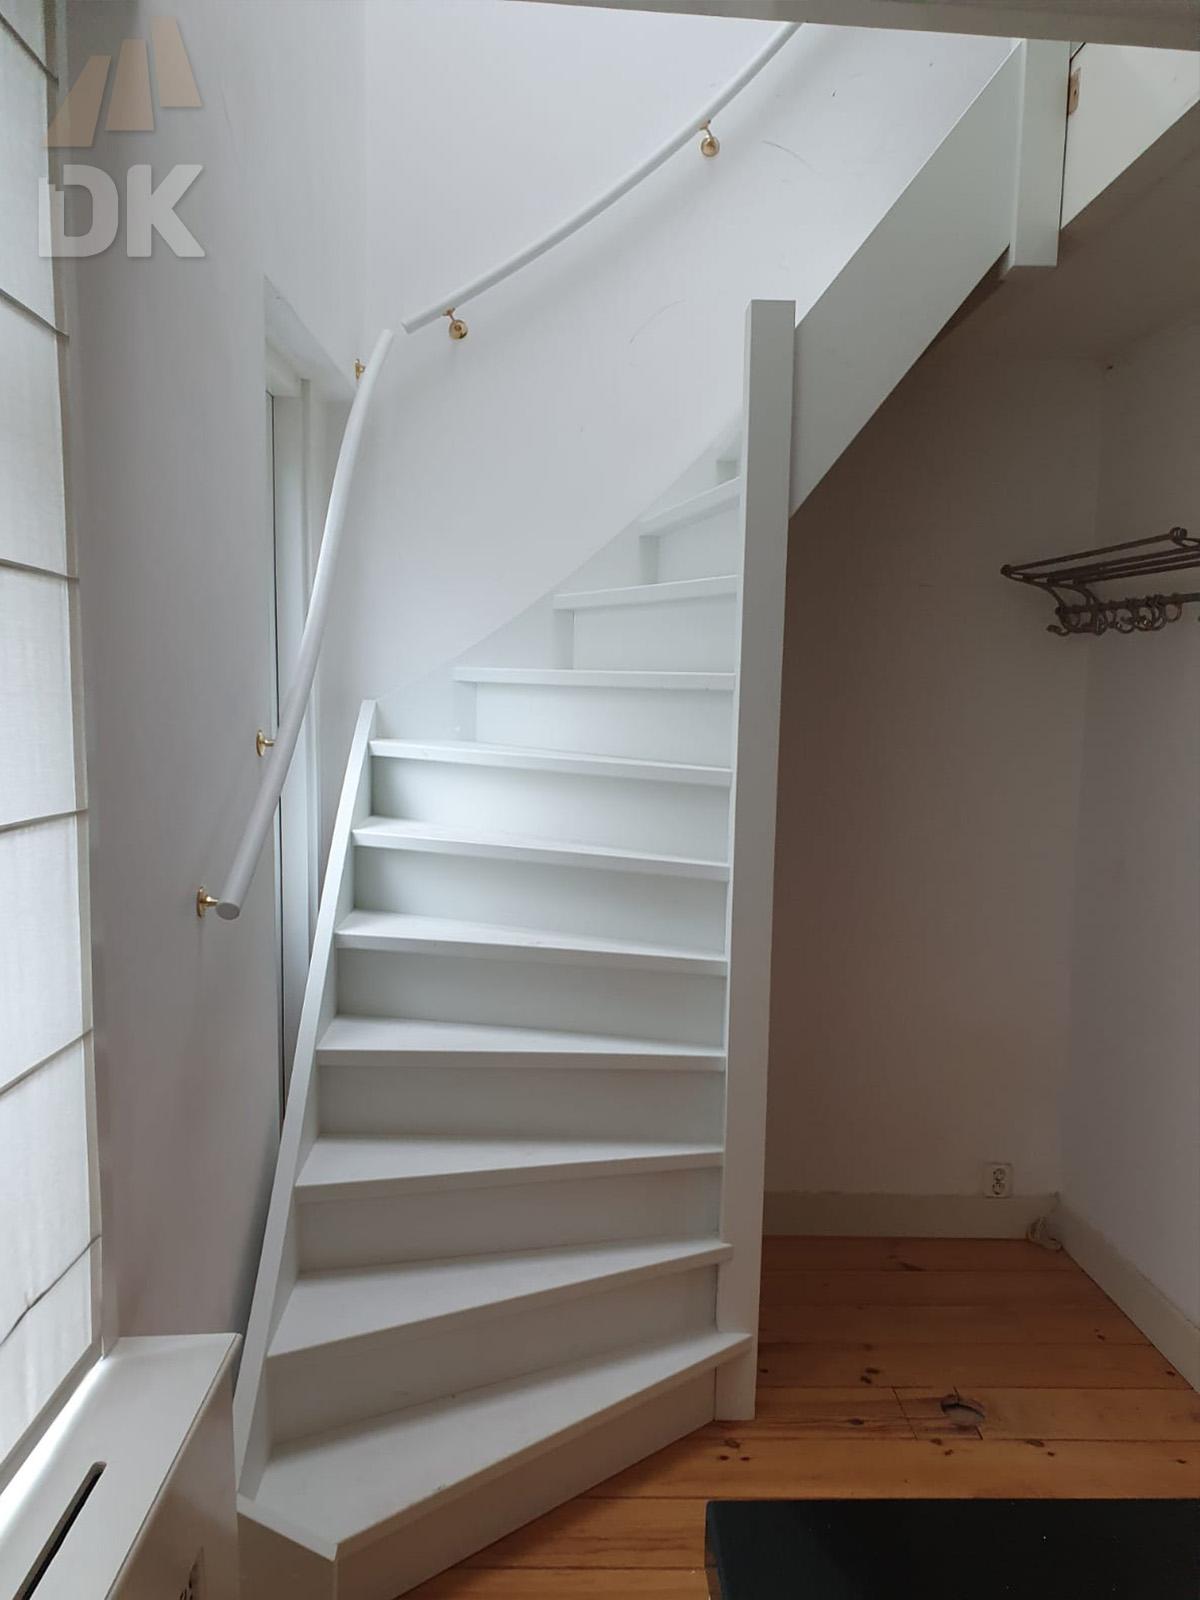 Stalen trap vervangen door houten trap - Foto 3